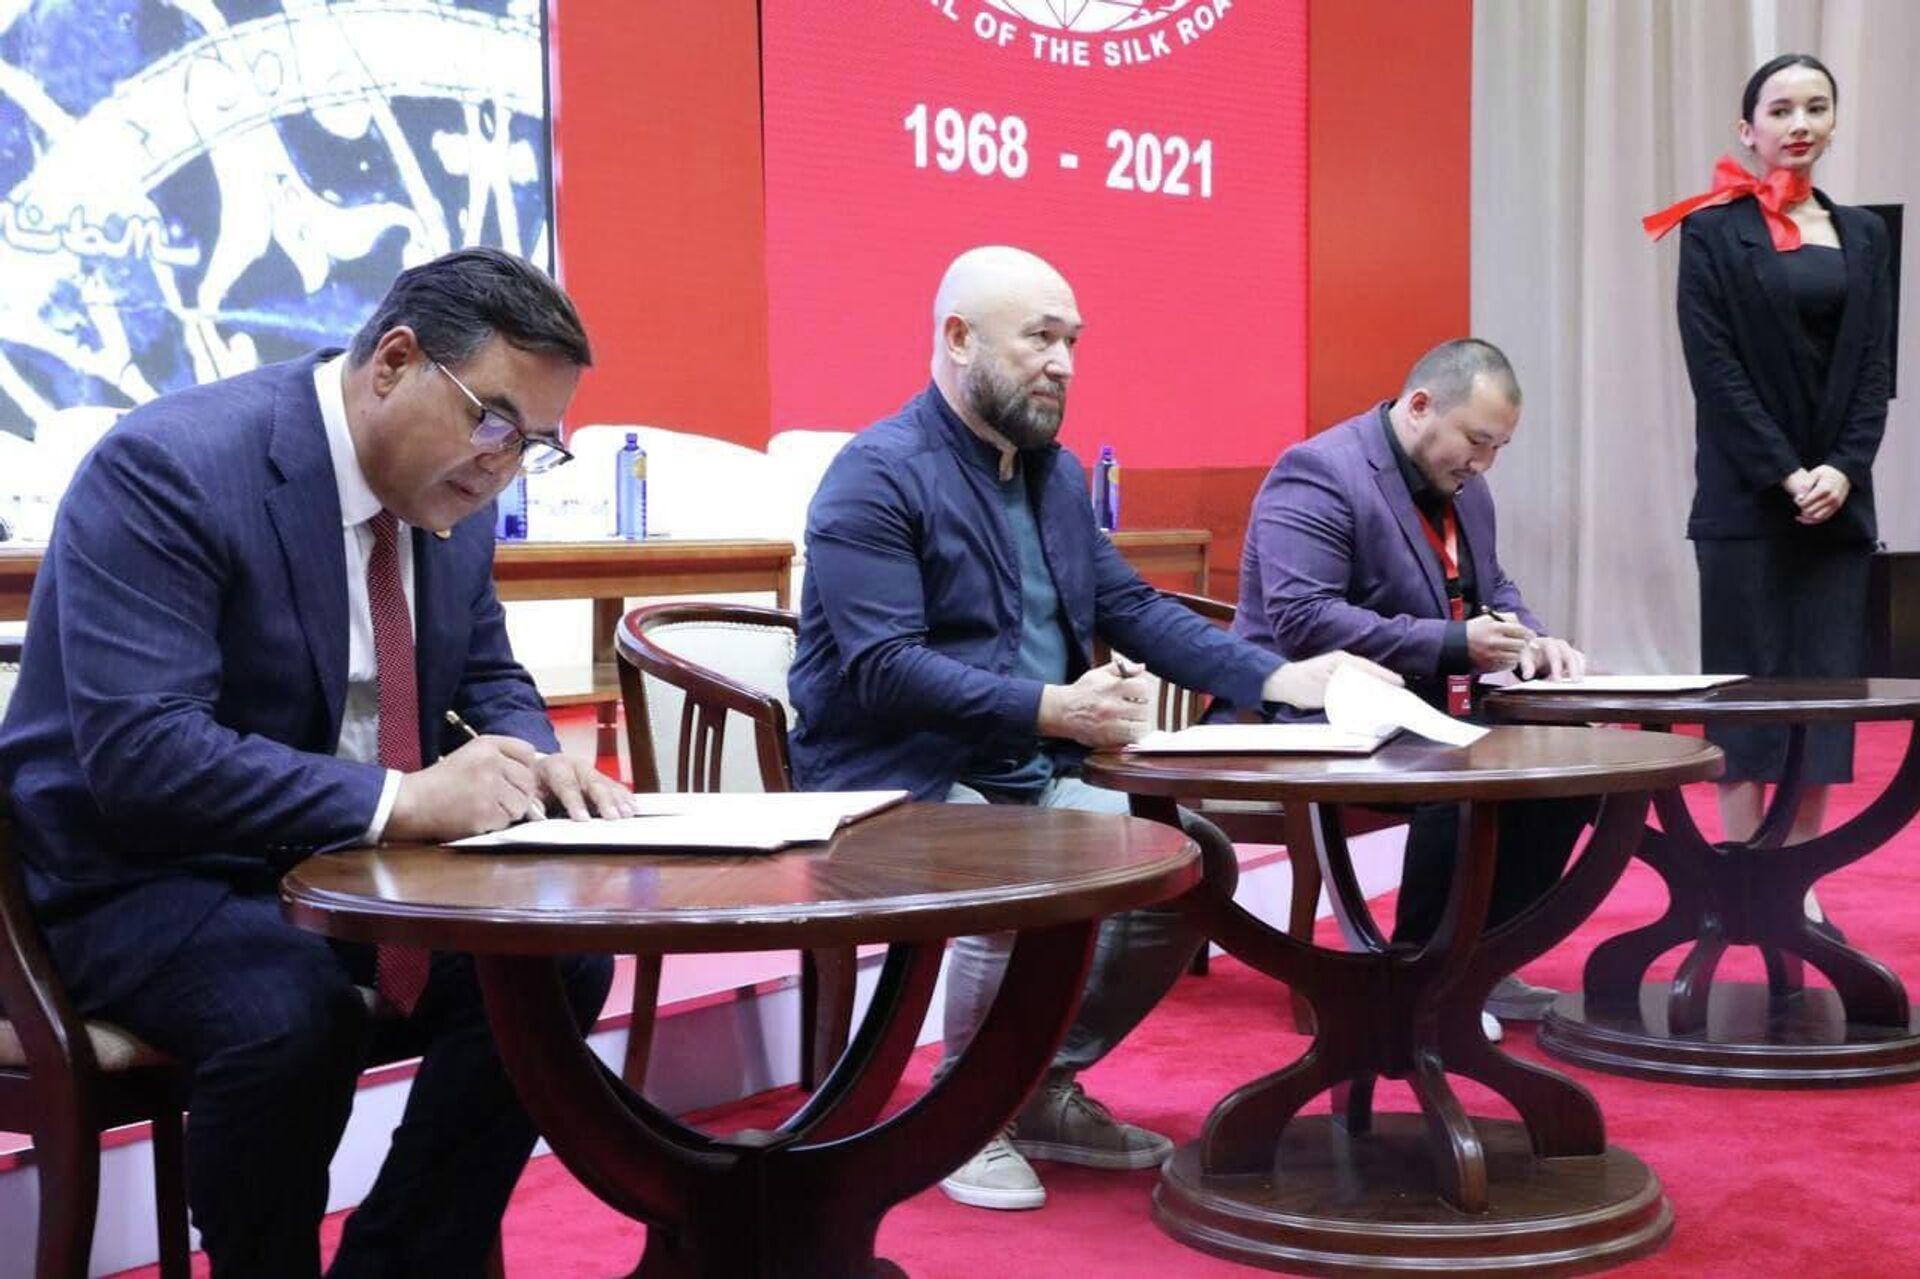 Тимур Бекмамбетов откроет в Узбекистане школы-студии анимационного кино - Sputnik Узбекистан, 1920, 01.10.2021